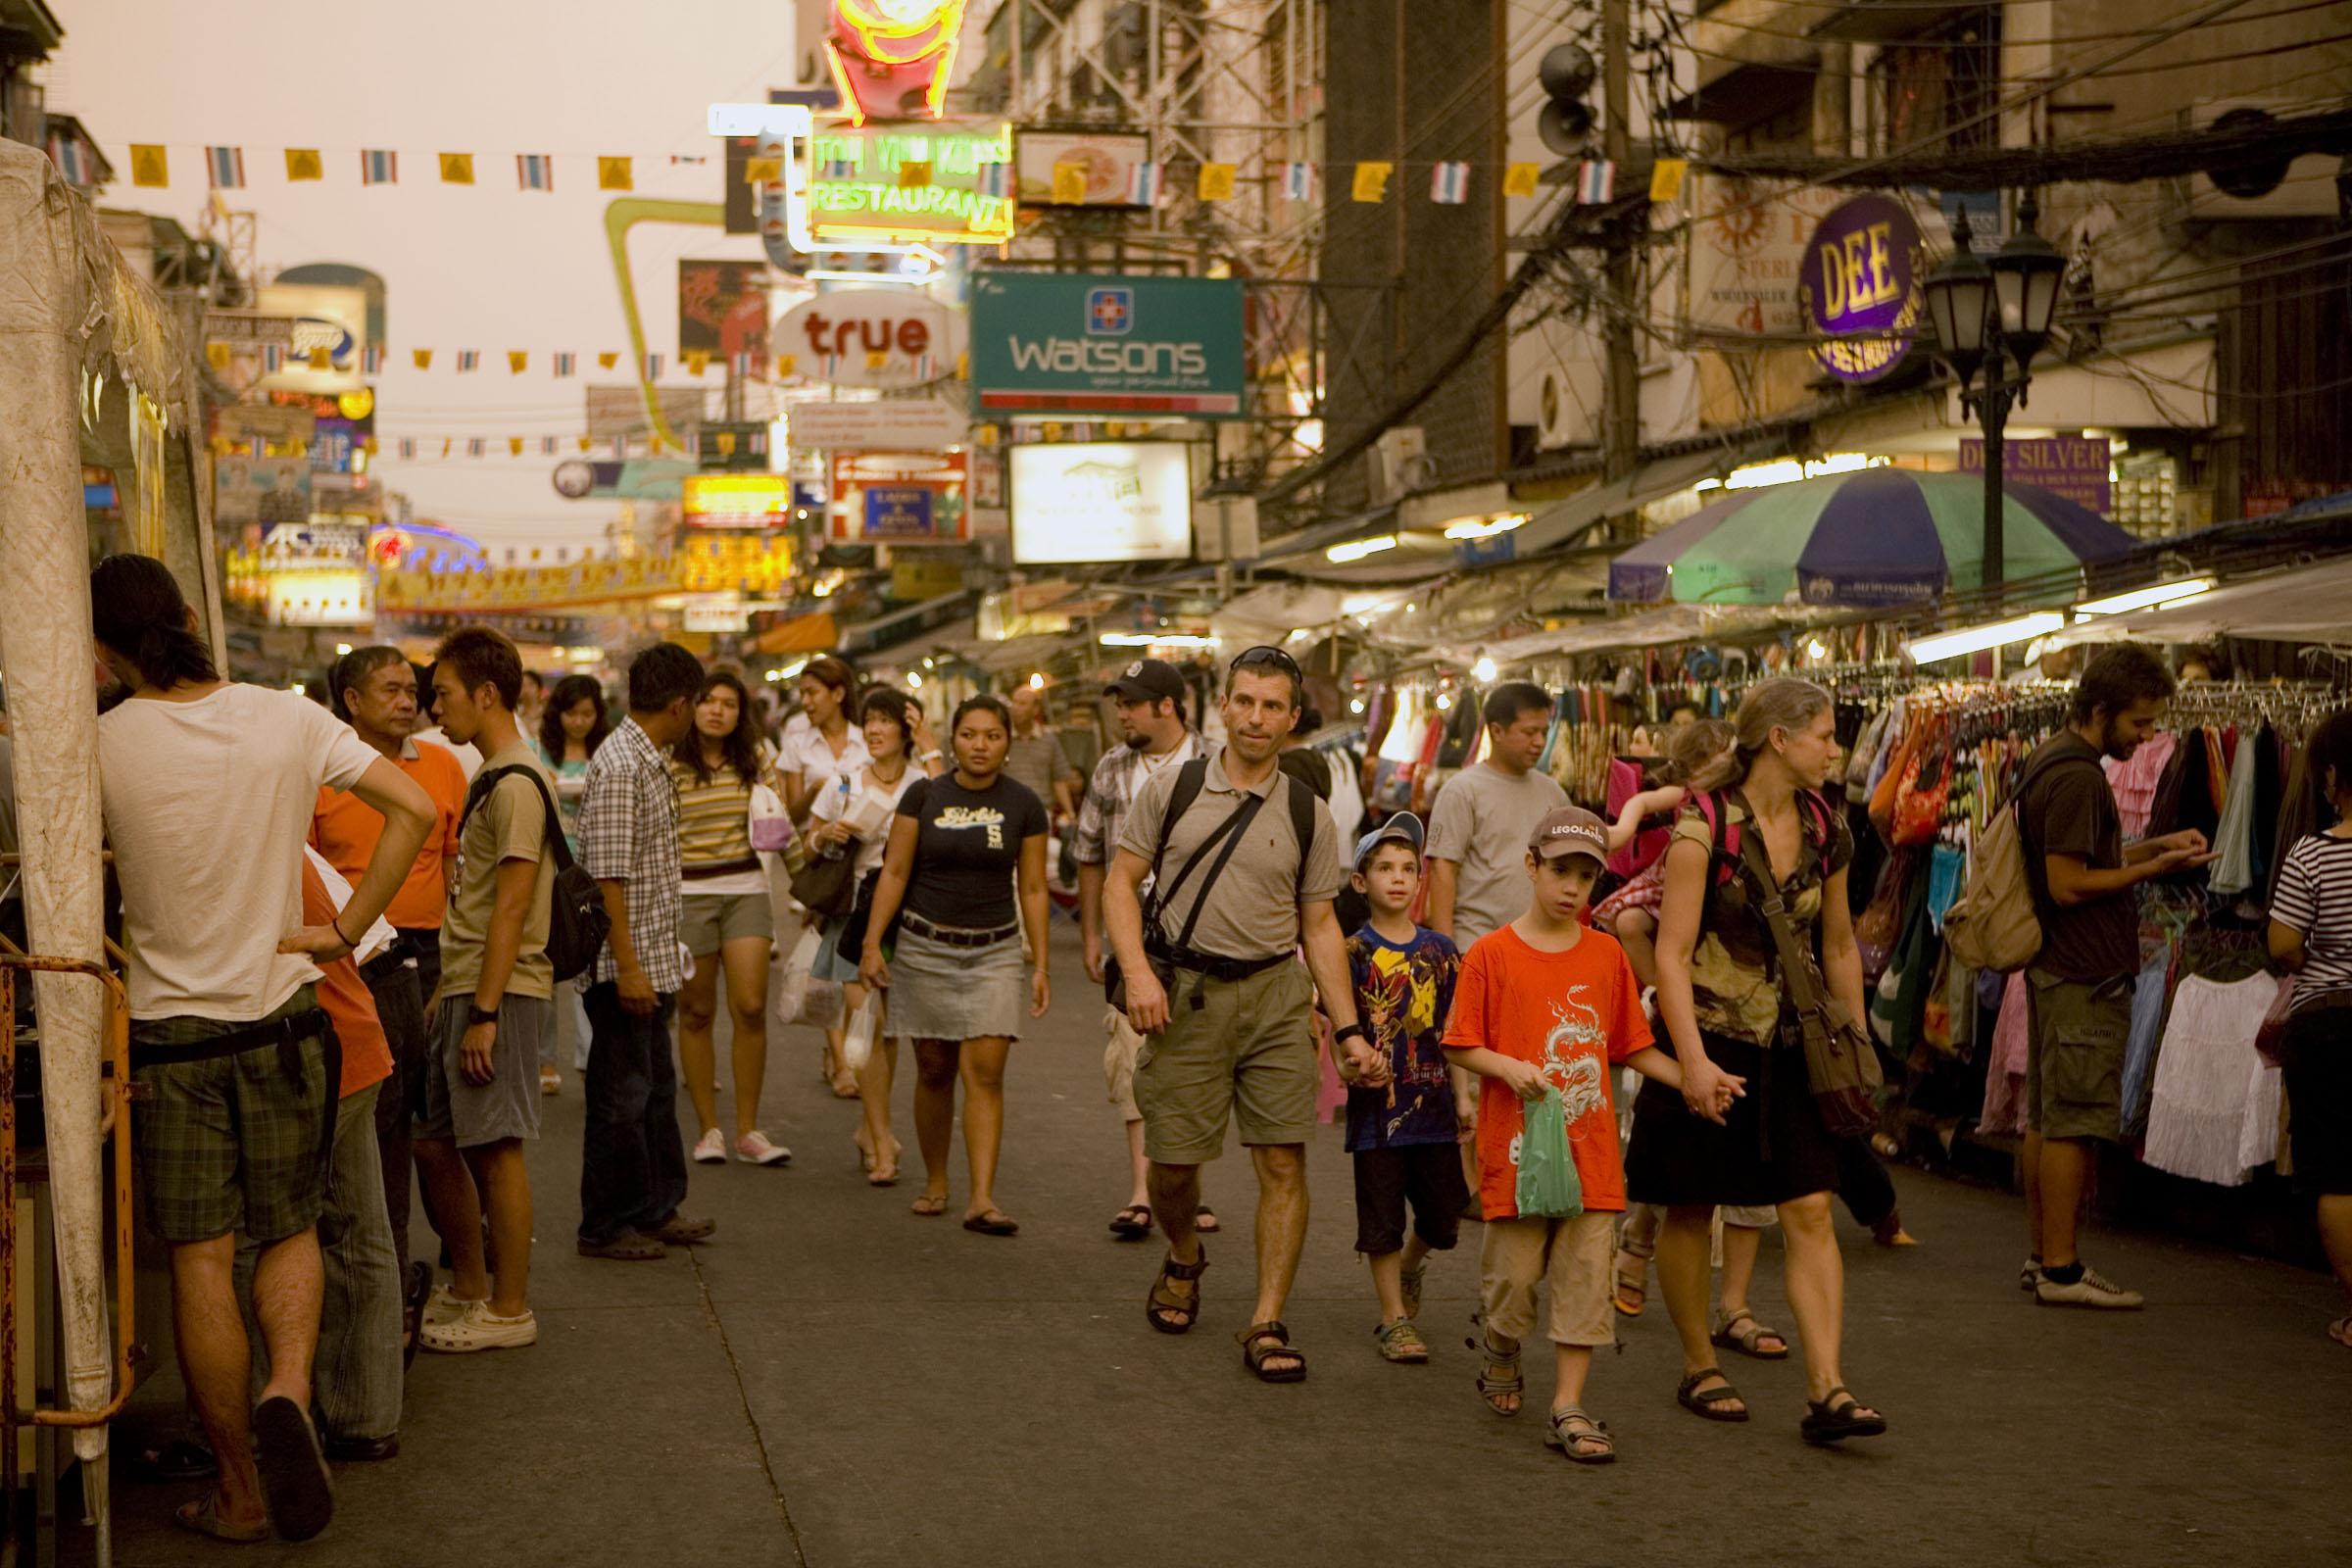 СМИ: власти Таиланда отложили планы по введению туристического сбора с иностранцев